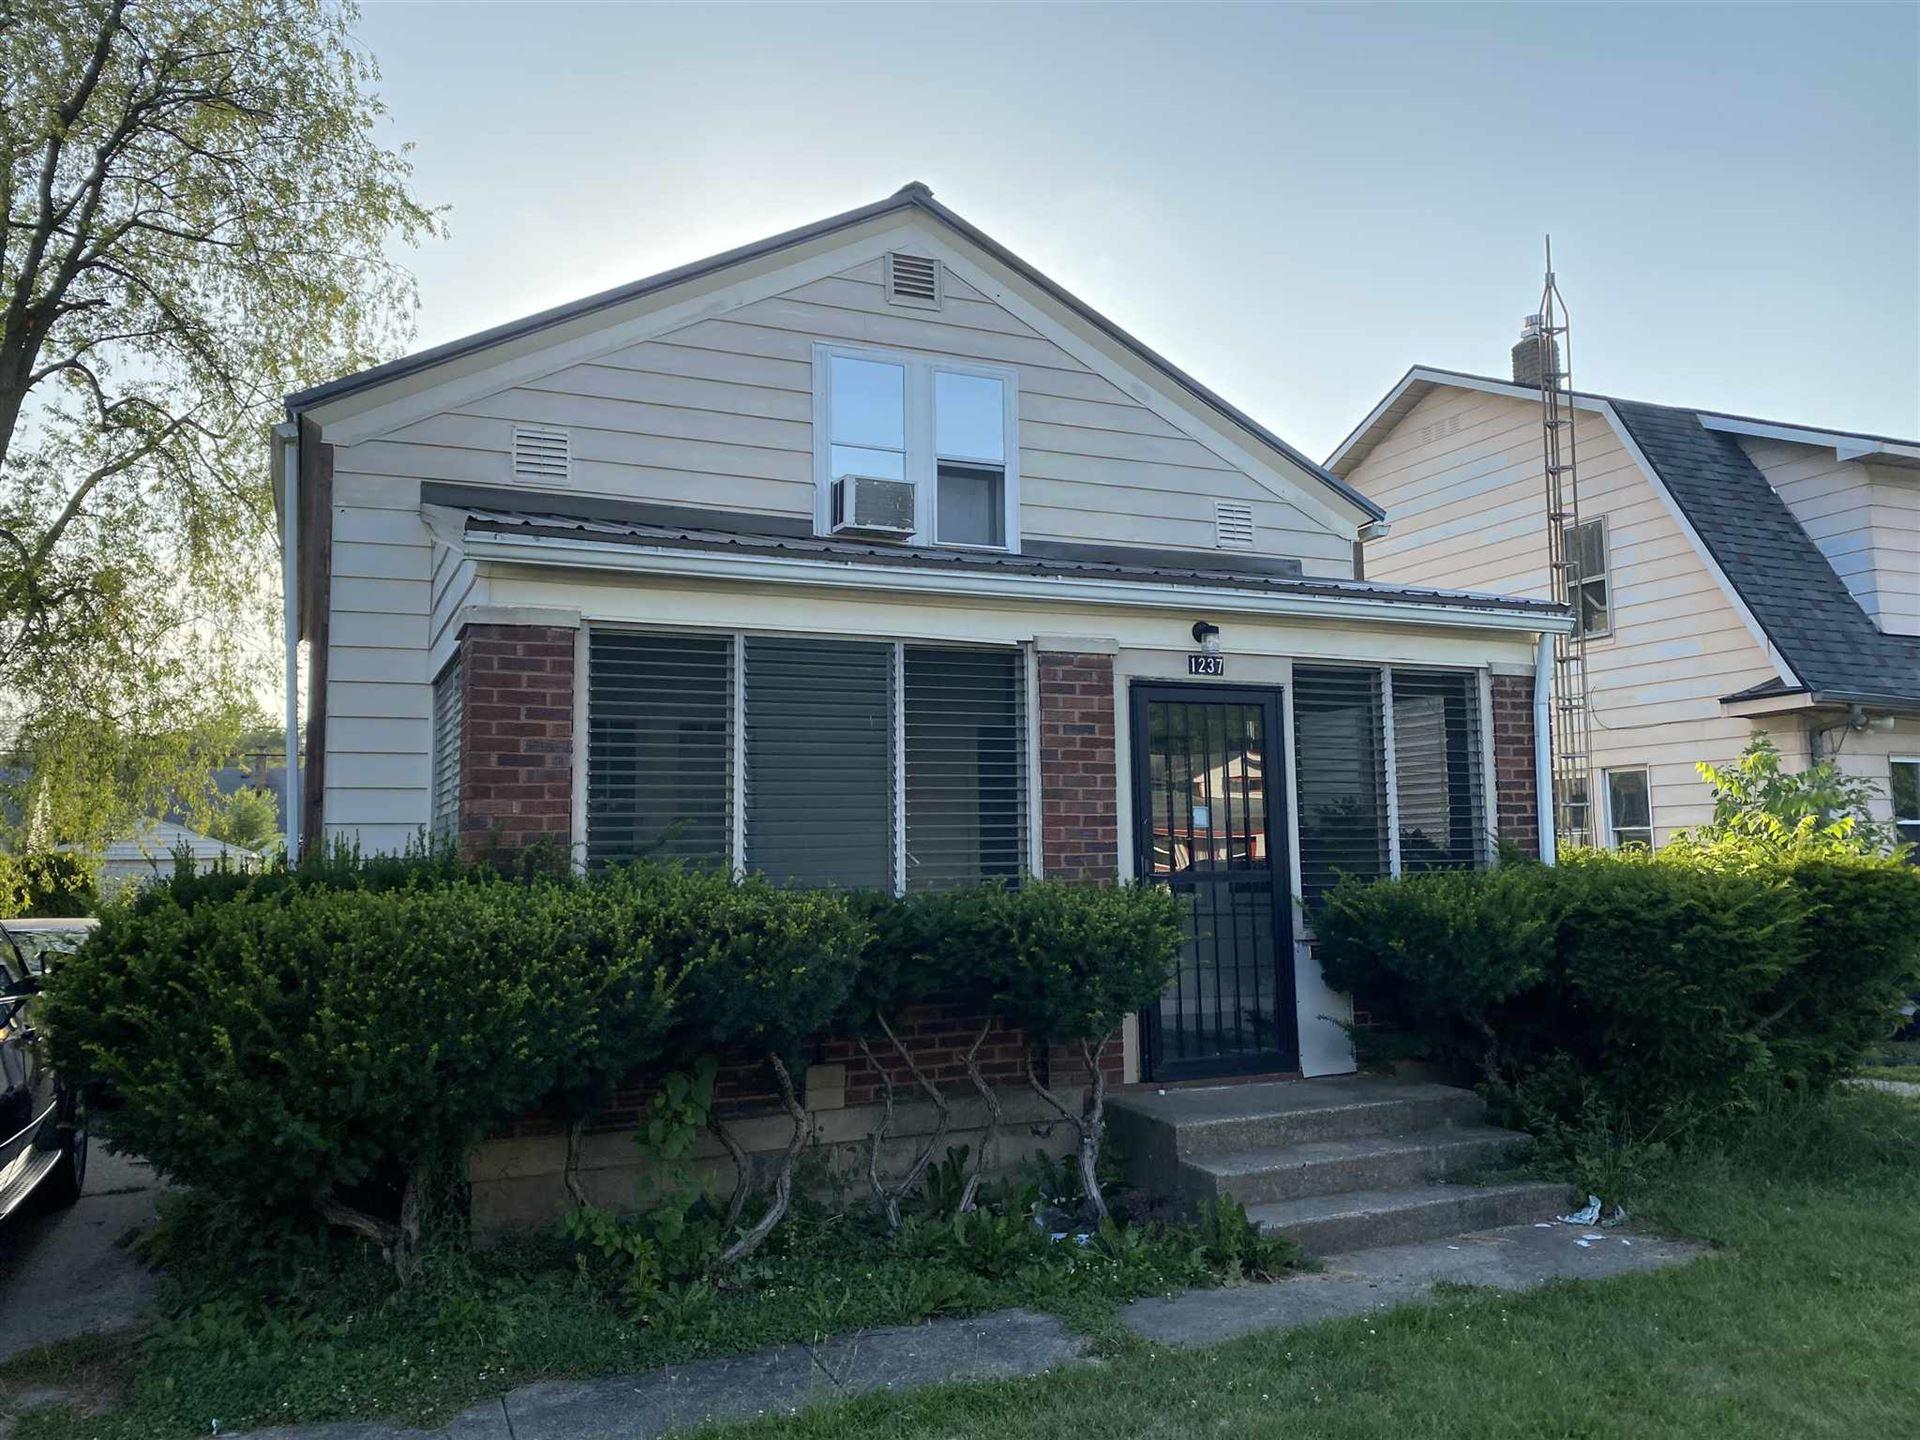 1237 N Meade Street, South Bend, IN 46628 - #: 202028656